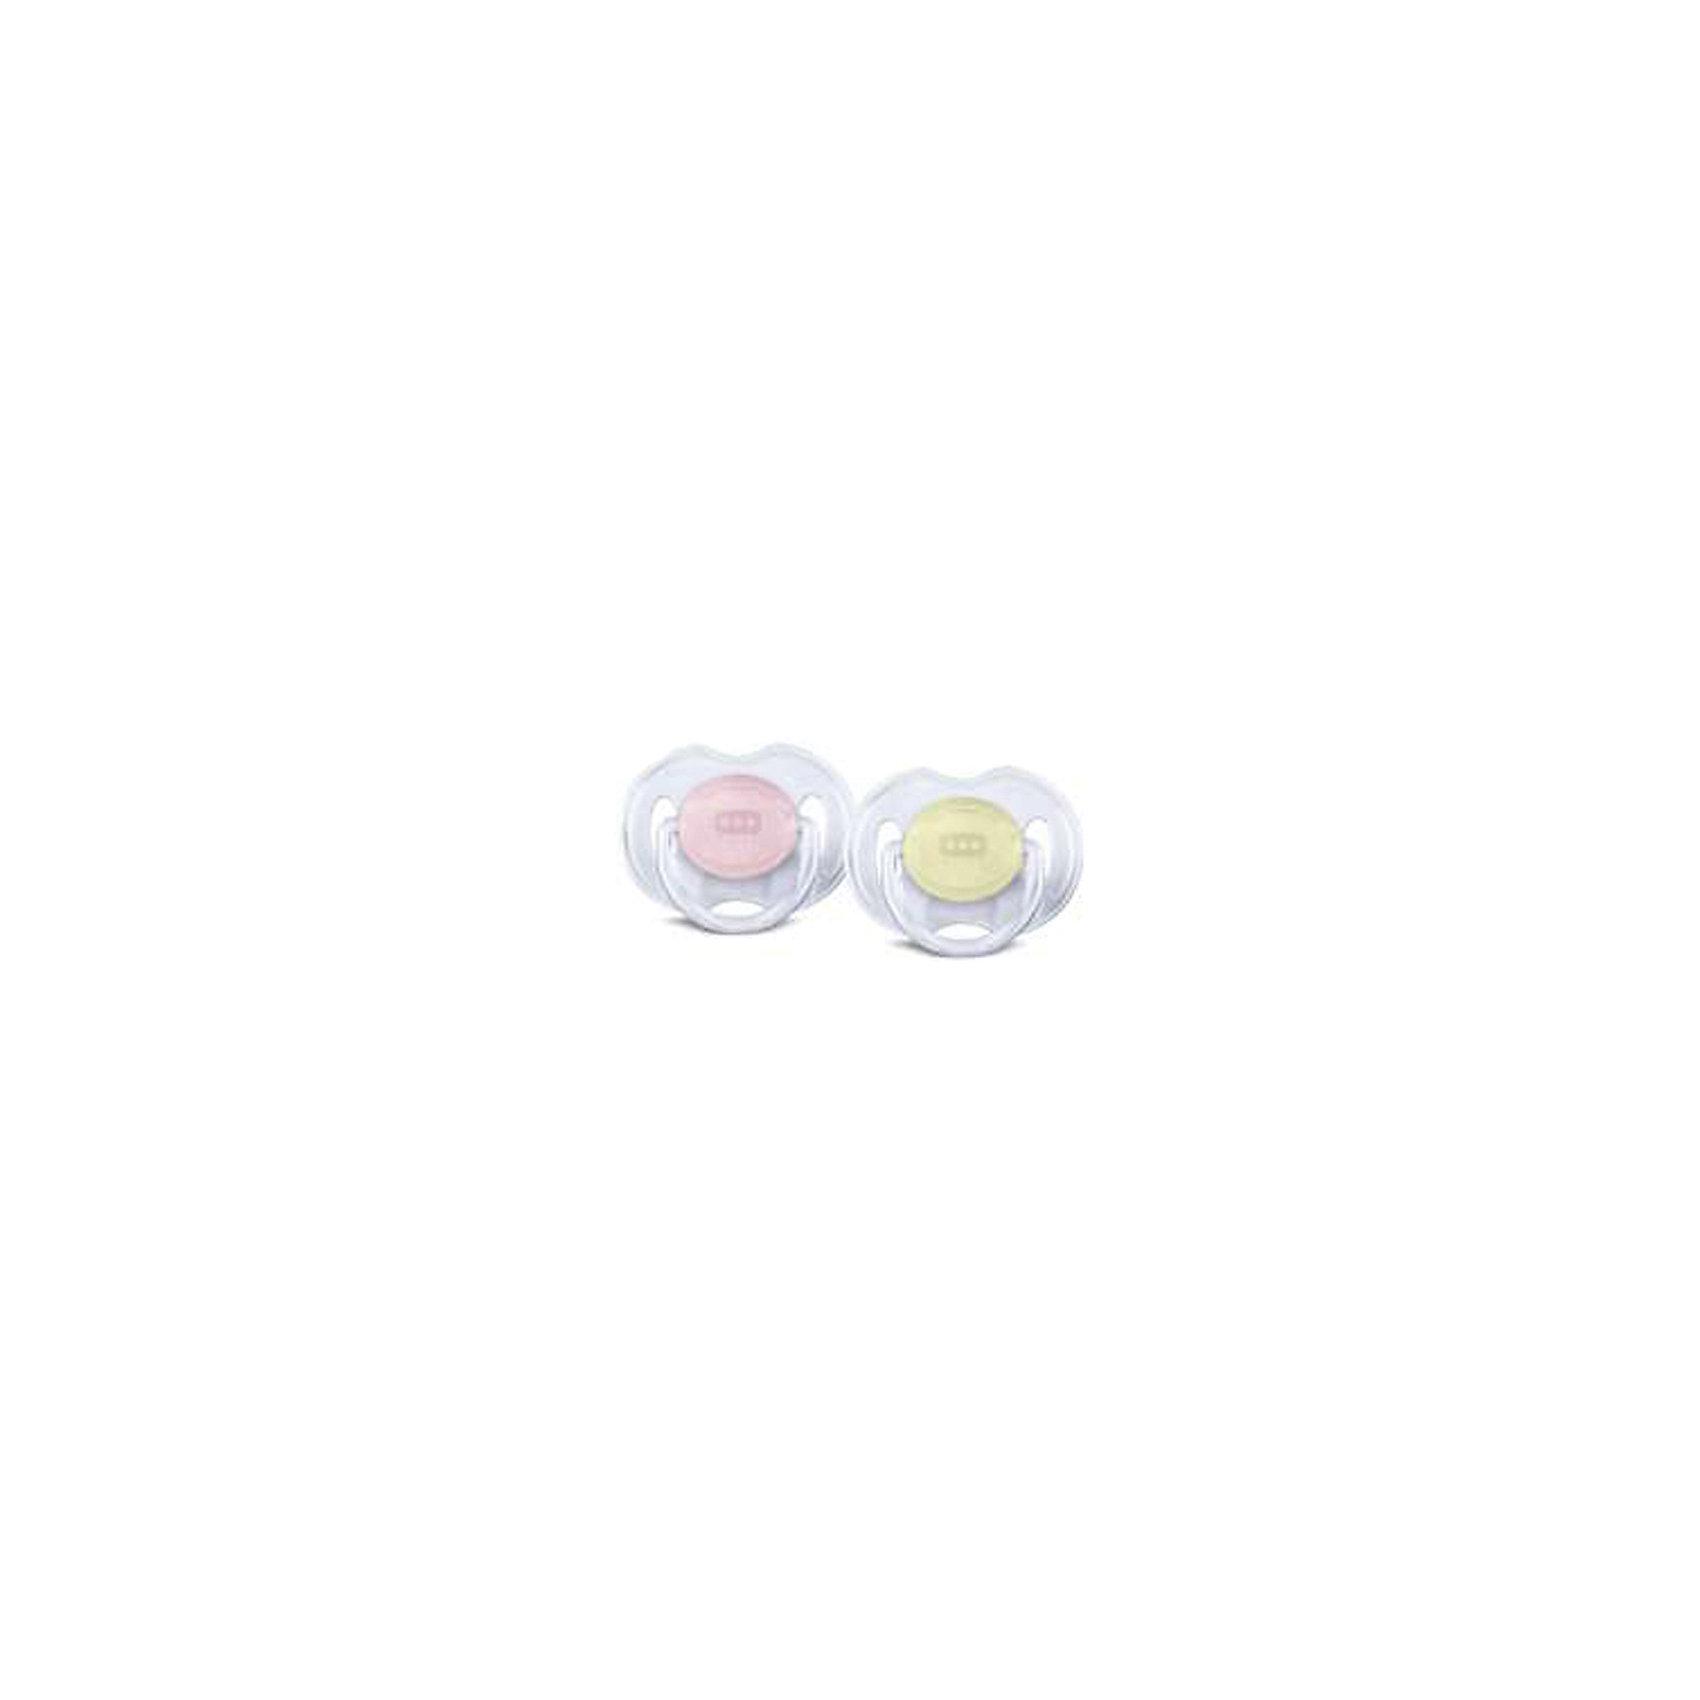 PHILIPS AVENT Силиконовая пустышка Классика, 0-6 мес., 2 шт., AVENT, розовый/желтый